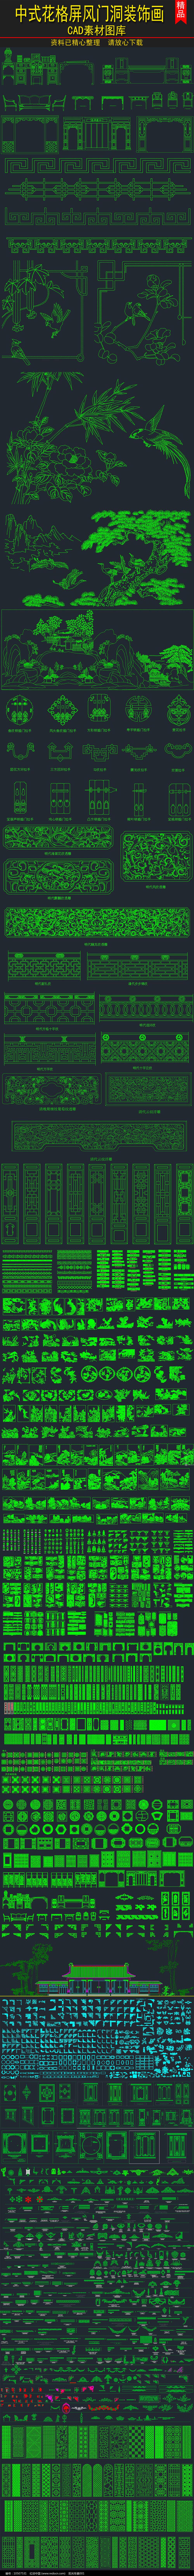 中式花格屏风门洞花纹雕花CAD素材图库图片